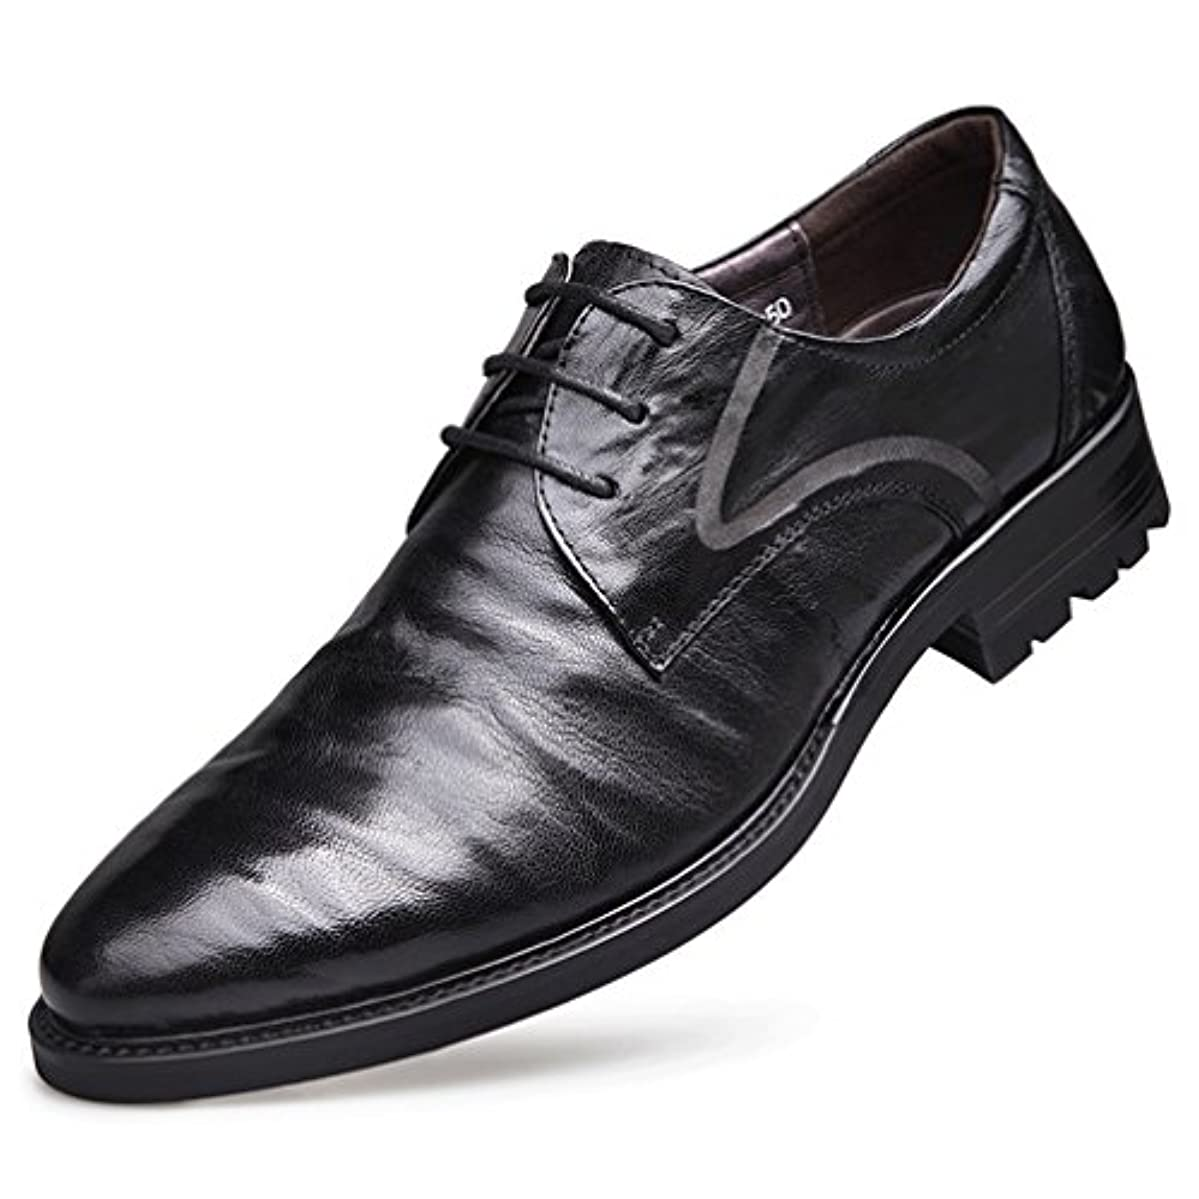 ファンブルほとんどないゴールデン[スンル]ビジネスシューズ メンズ 紳士靴 ドレスシューズ 高級靴 エナメル フォーマル レースアップ 滑り止め 柔らかい 衝撃吸収 消臭 軽量 通気 屈曲性 結婚式 卒業式 就職 通勤 24.0cm-27.0cm 黒/...